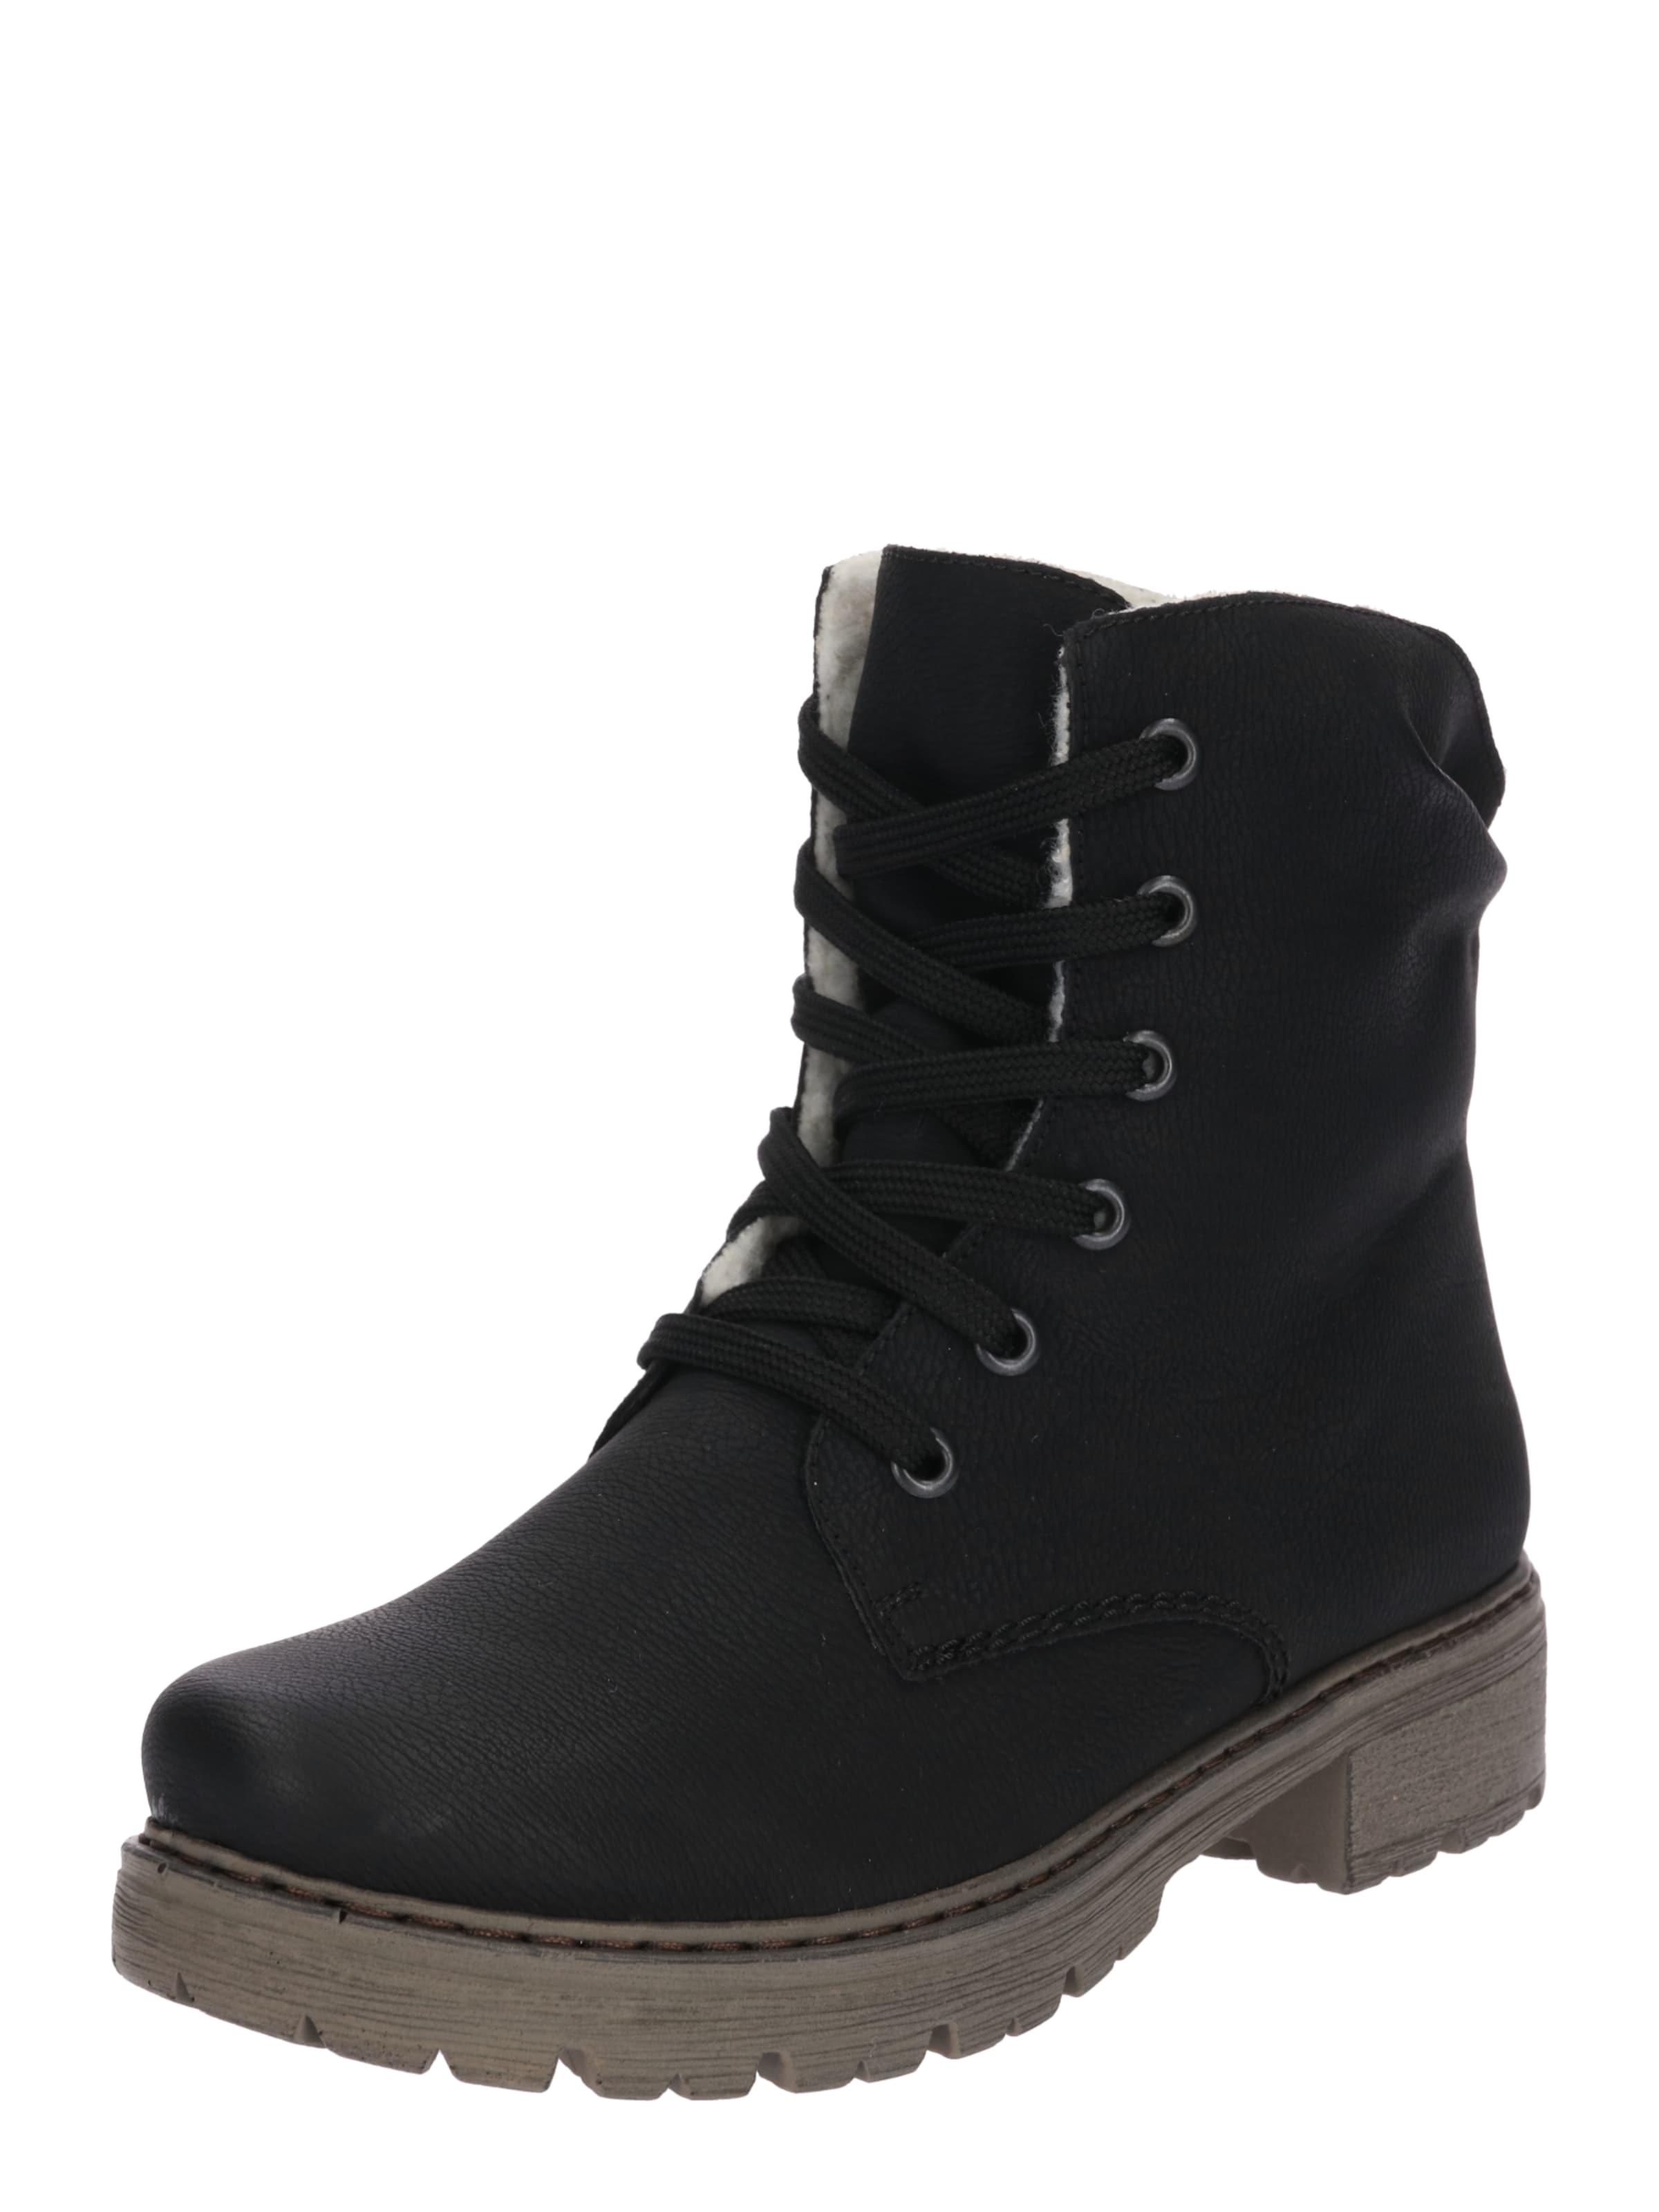 RIEKER Schnürstiefelette Verschleißfeste billige Schuhe Hohe Qualität